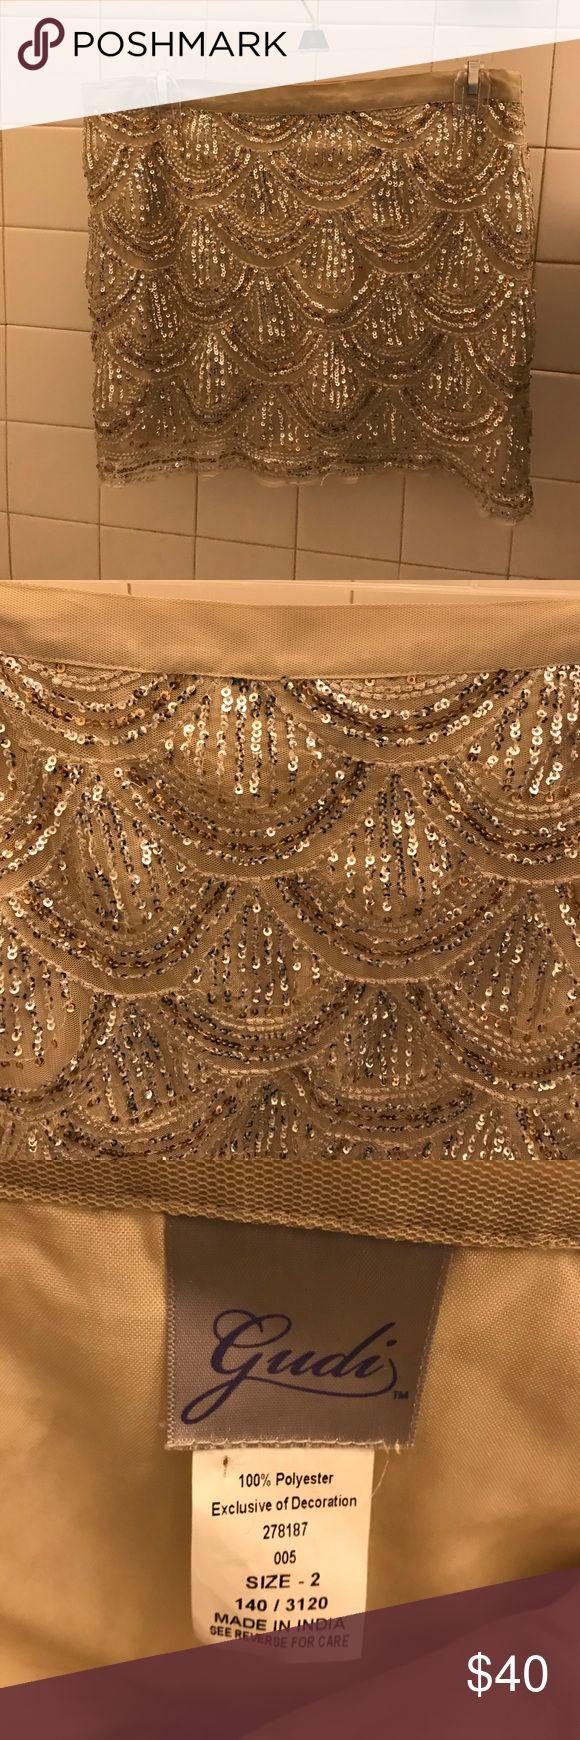 Sequin mini skirt. Size 2 Gudi sequin mini skirt. Gold/silver. Size 2. gudi Skirts Mini